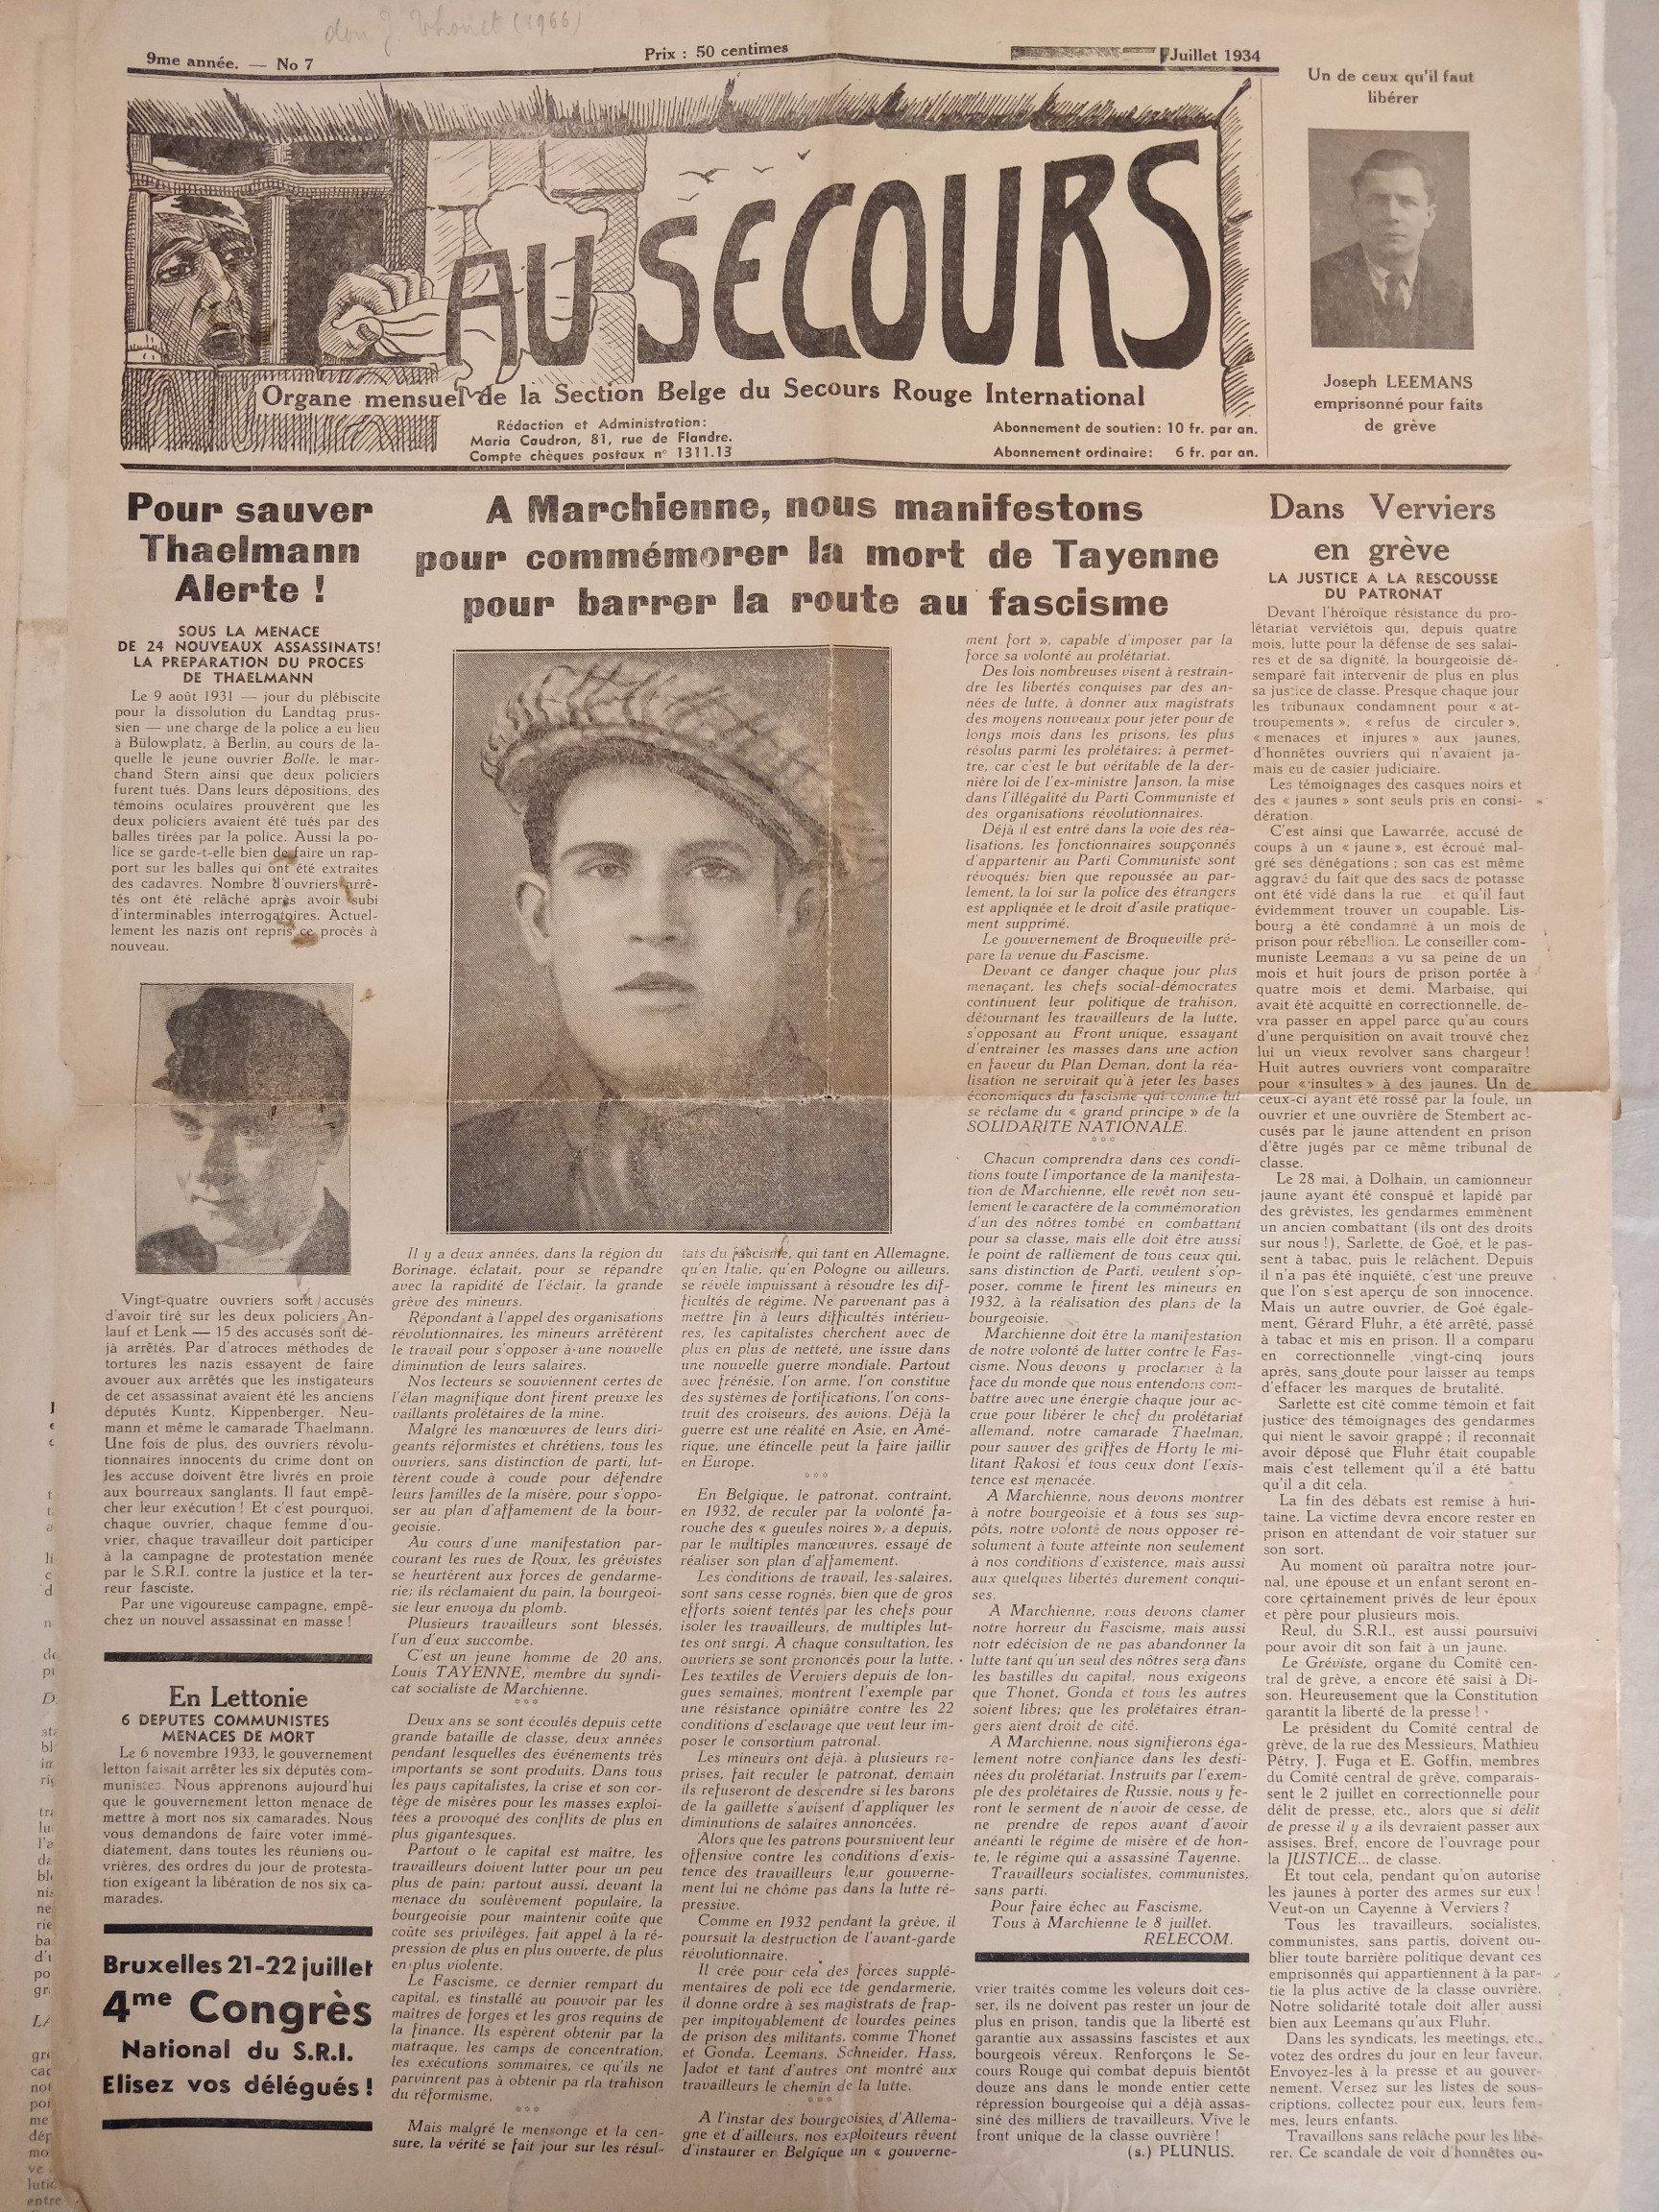 L'appel à la manifestation Tayenne 1933 dans le journal du Secours rouge